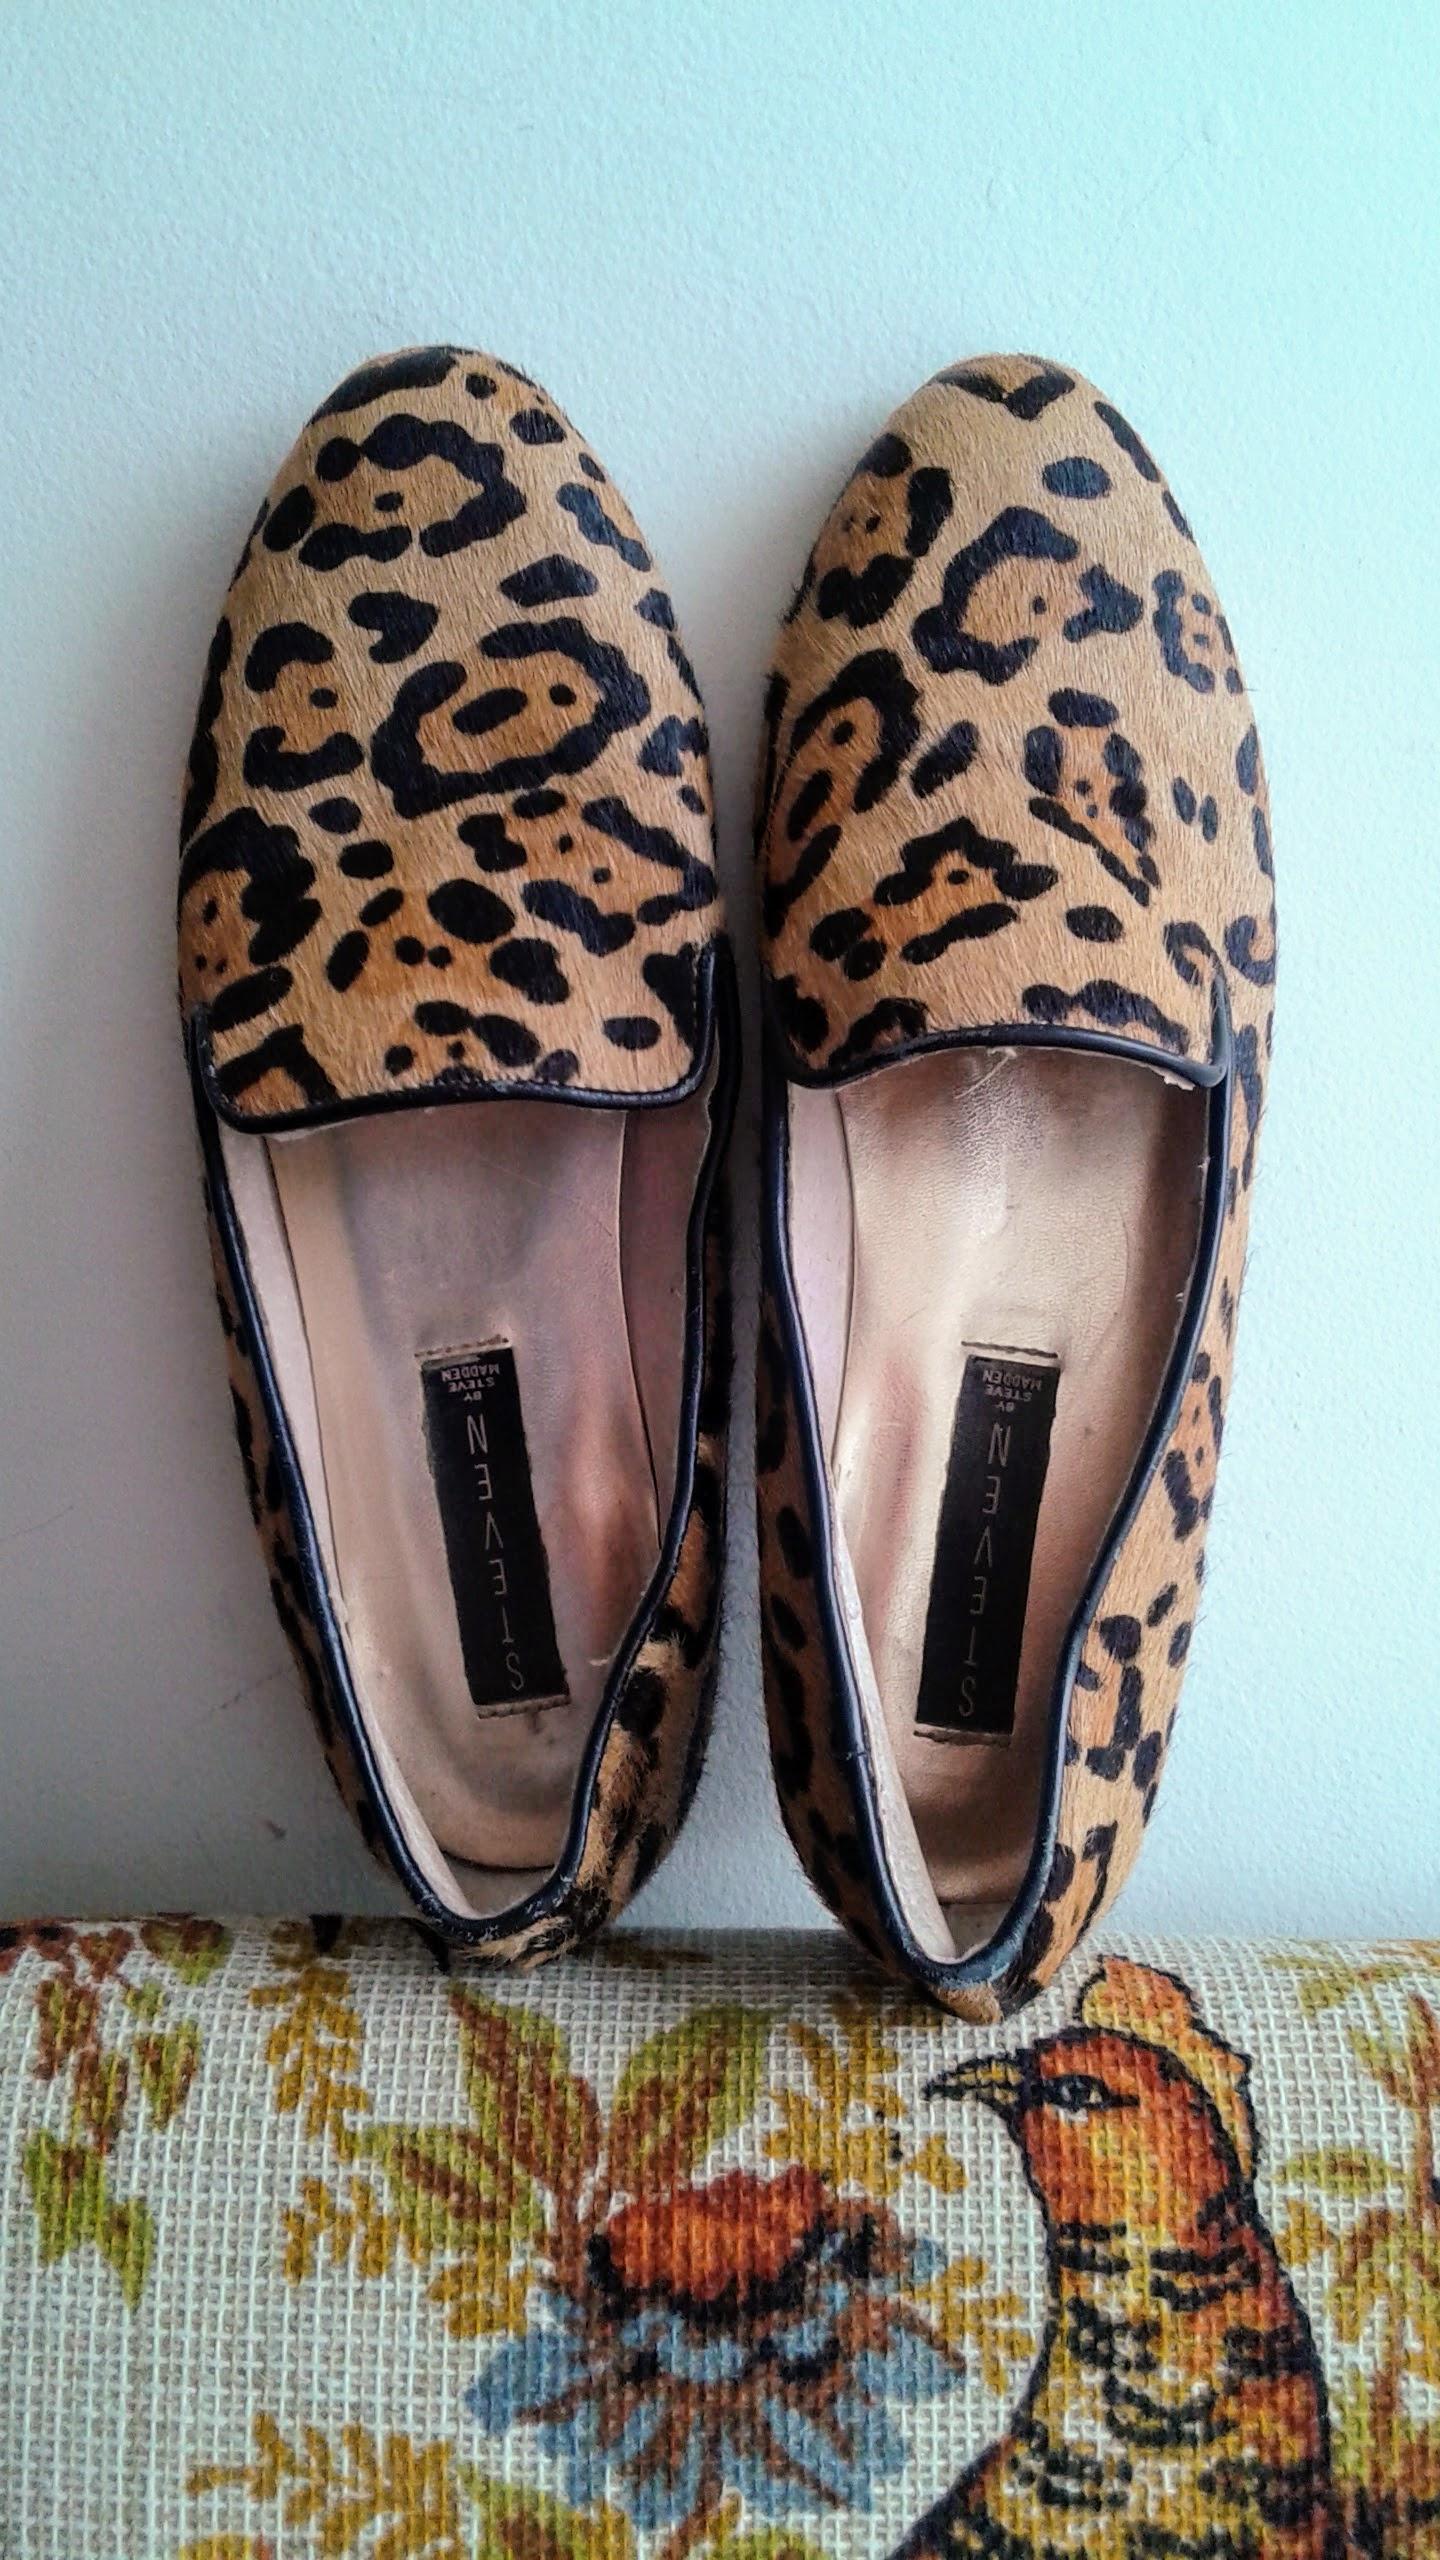 Steve Madden  shoes; S8.5, $42